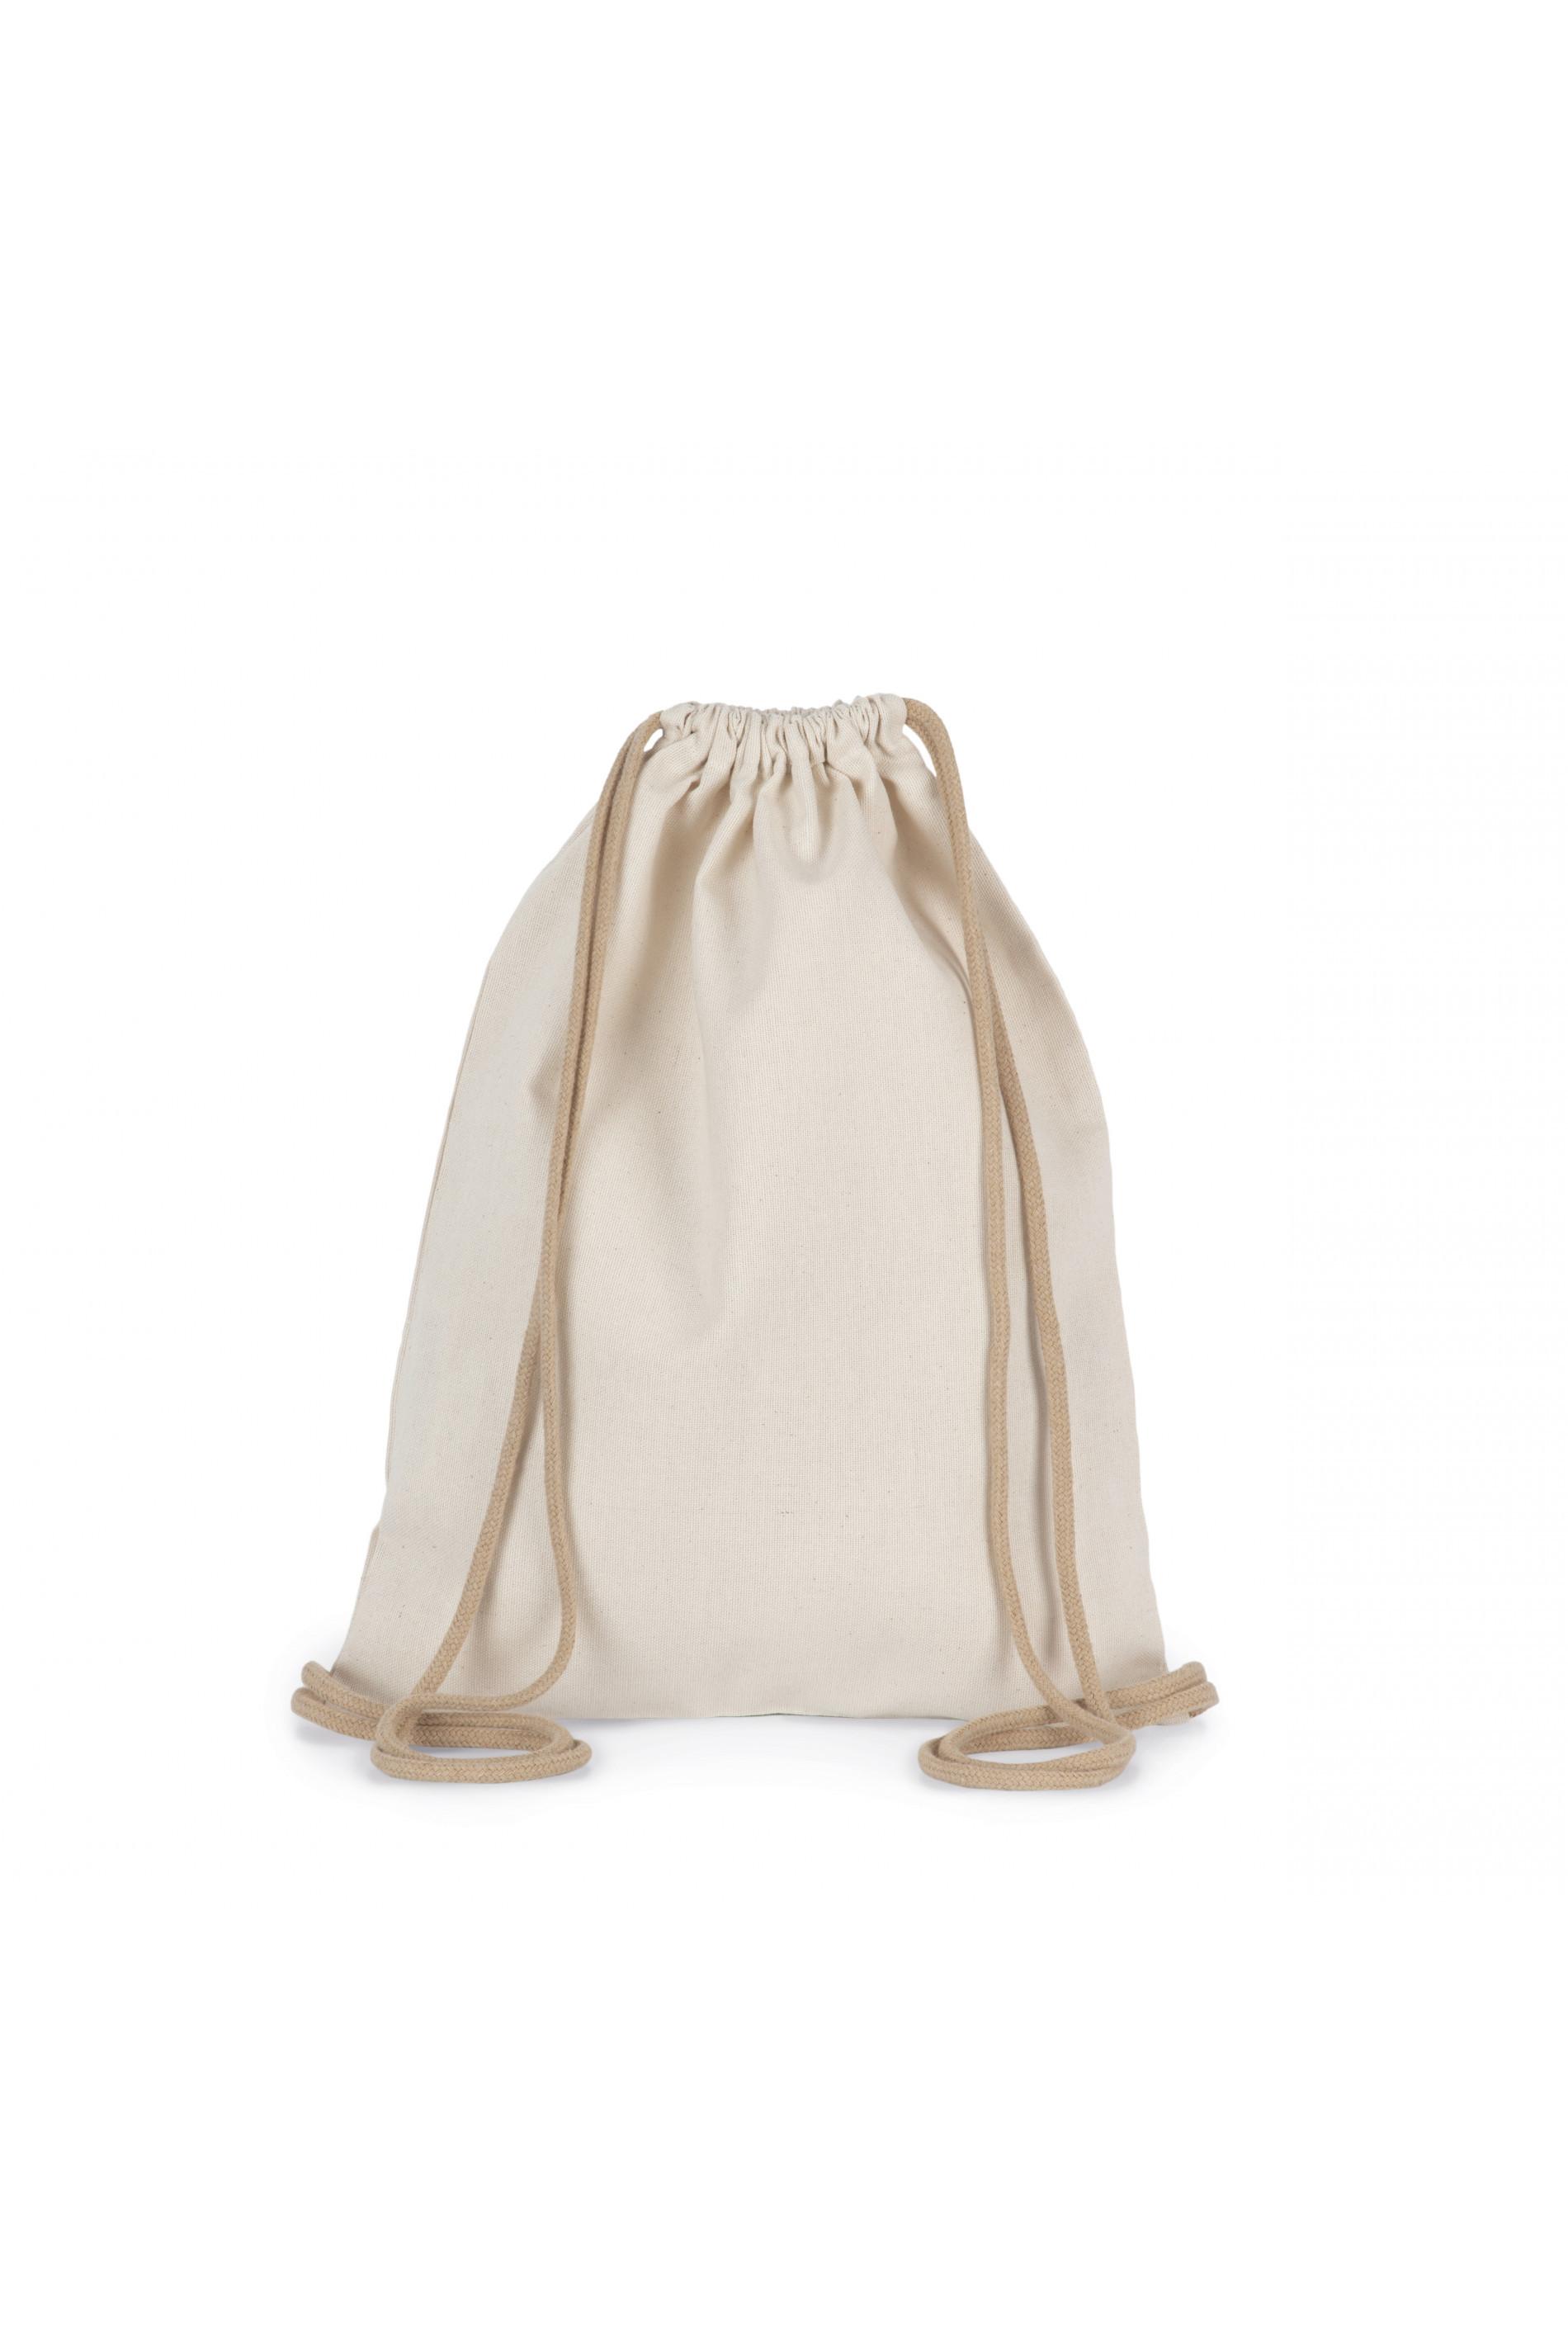 Petit sac à dos recyclé à cordon coulissant